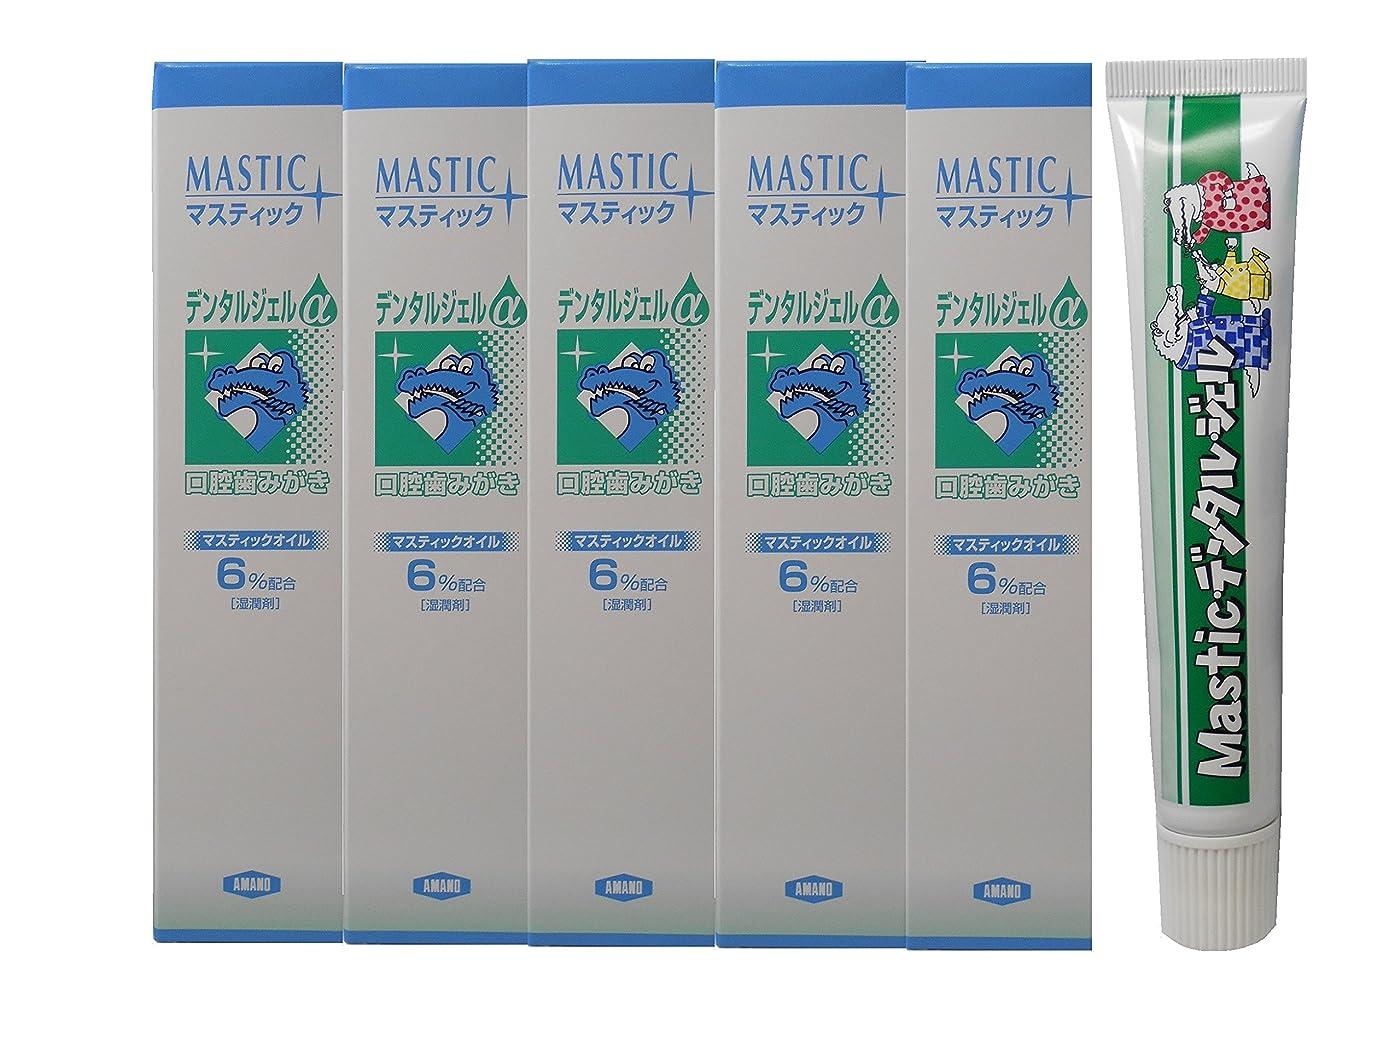 相関する管理するばかげたMASTIC マスティックデンタルジェルα45g(6%配合)5個+MASTIC デンタルエッセンスジェルMSローヤルⅡ増量50g(10%配合)1個セット